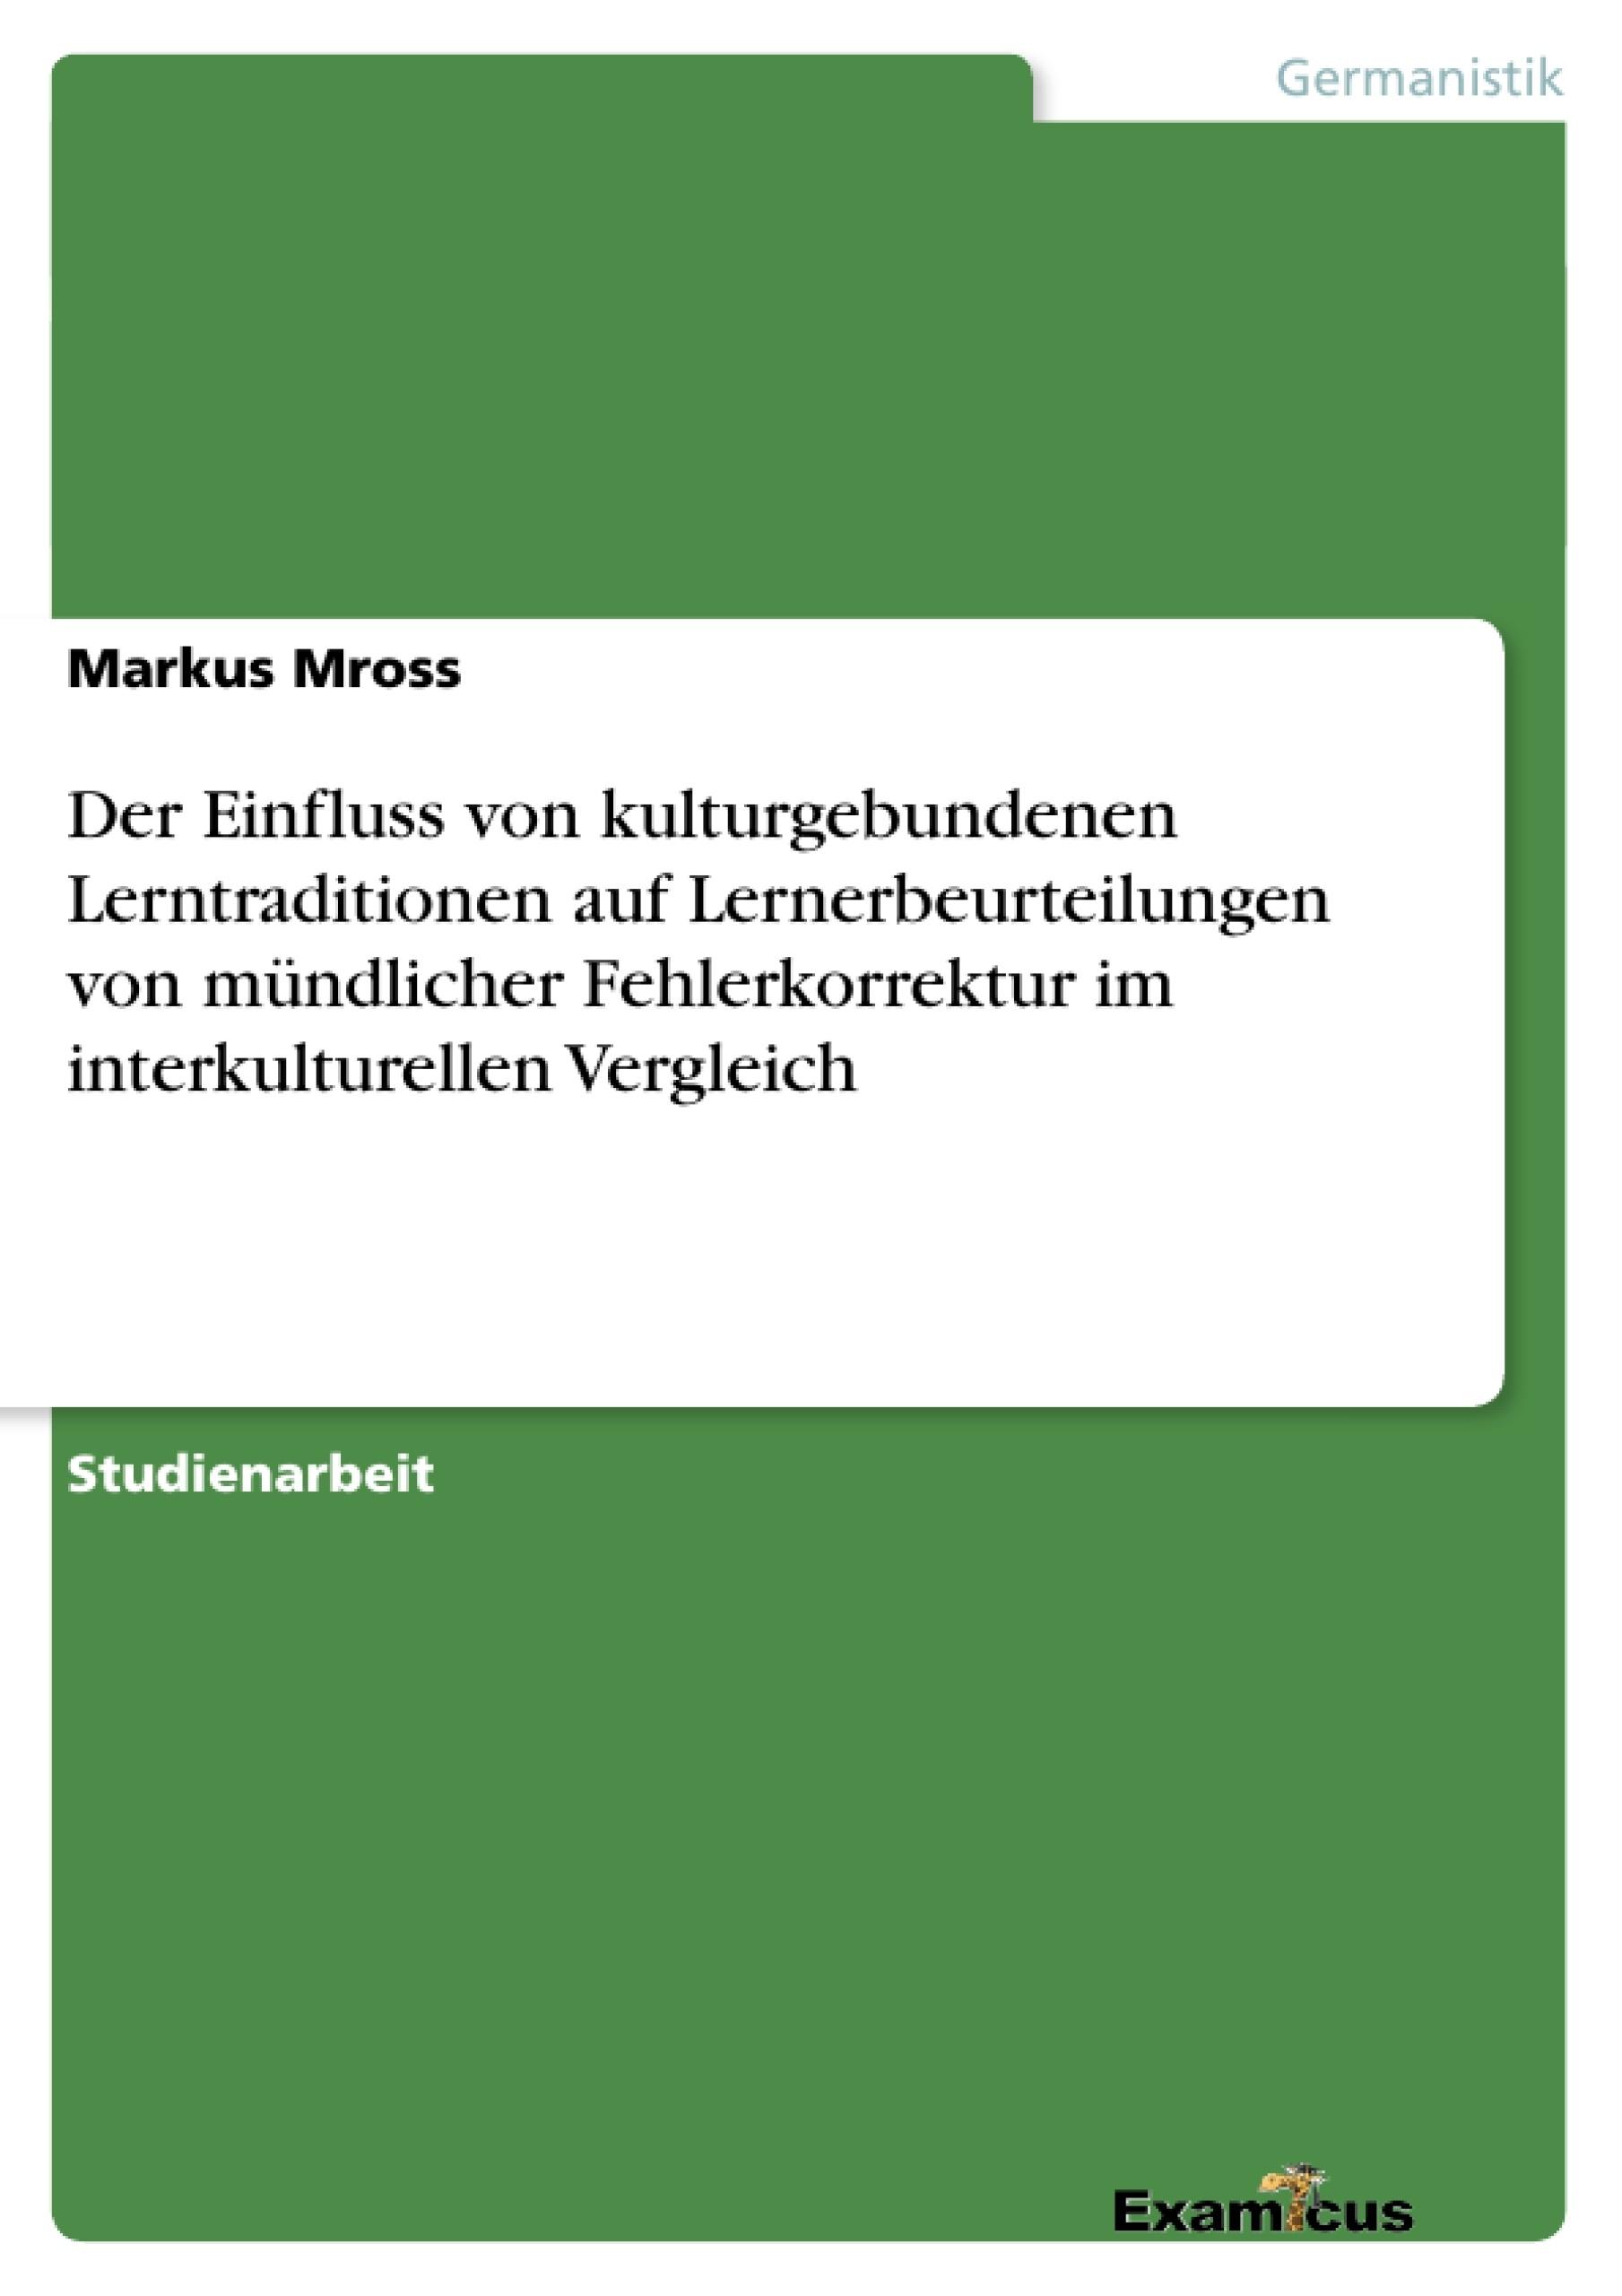 Titel: Der Einfluss von kulturgebundenen Lerntraditionen auf Lernerbeurteilungen von mündlicher Fehlerkorrektur im interkulturellen Vergleich